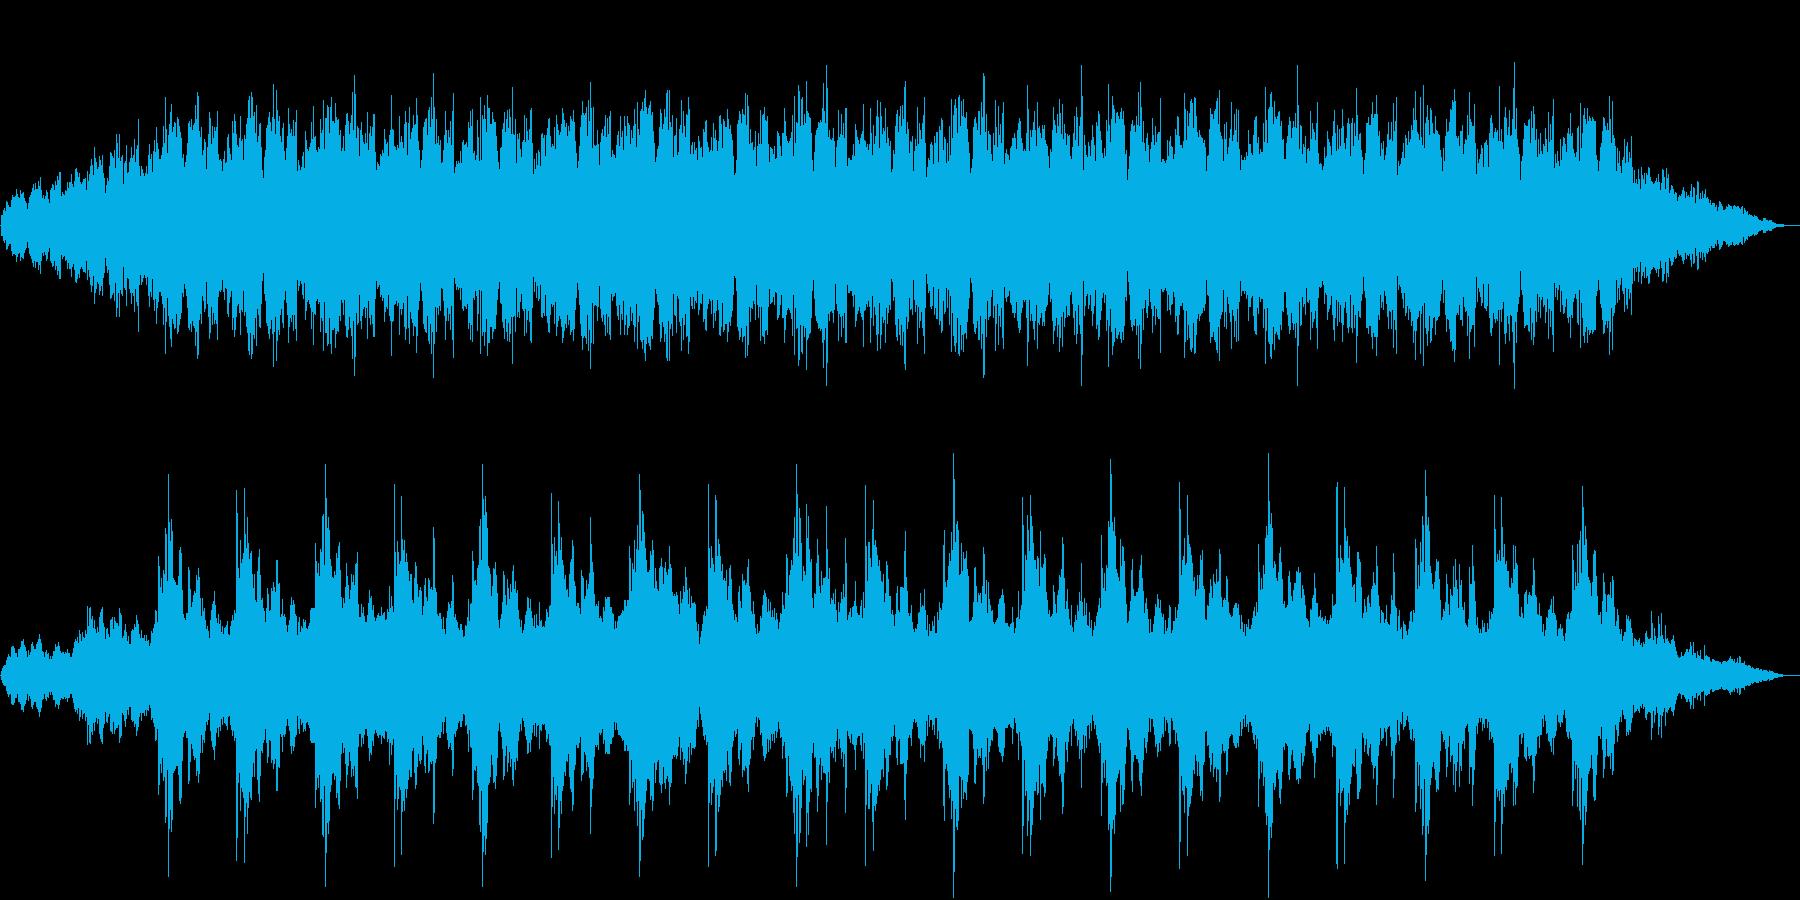 高品質 アンビエント / ミニマル作品の再生済みの波形